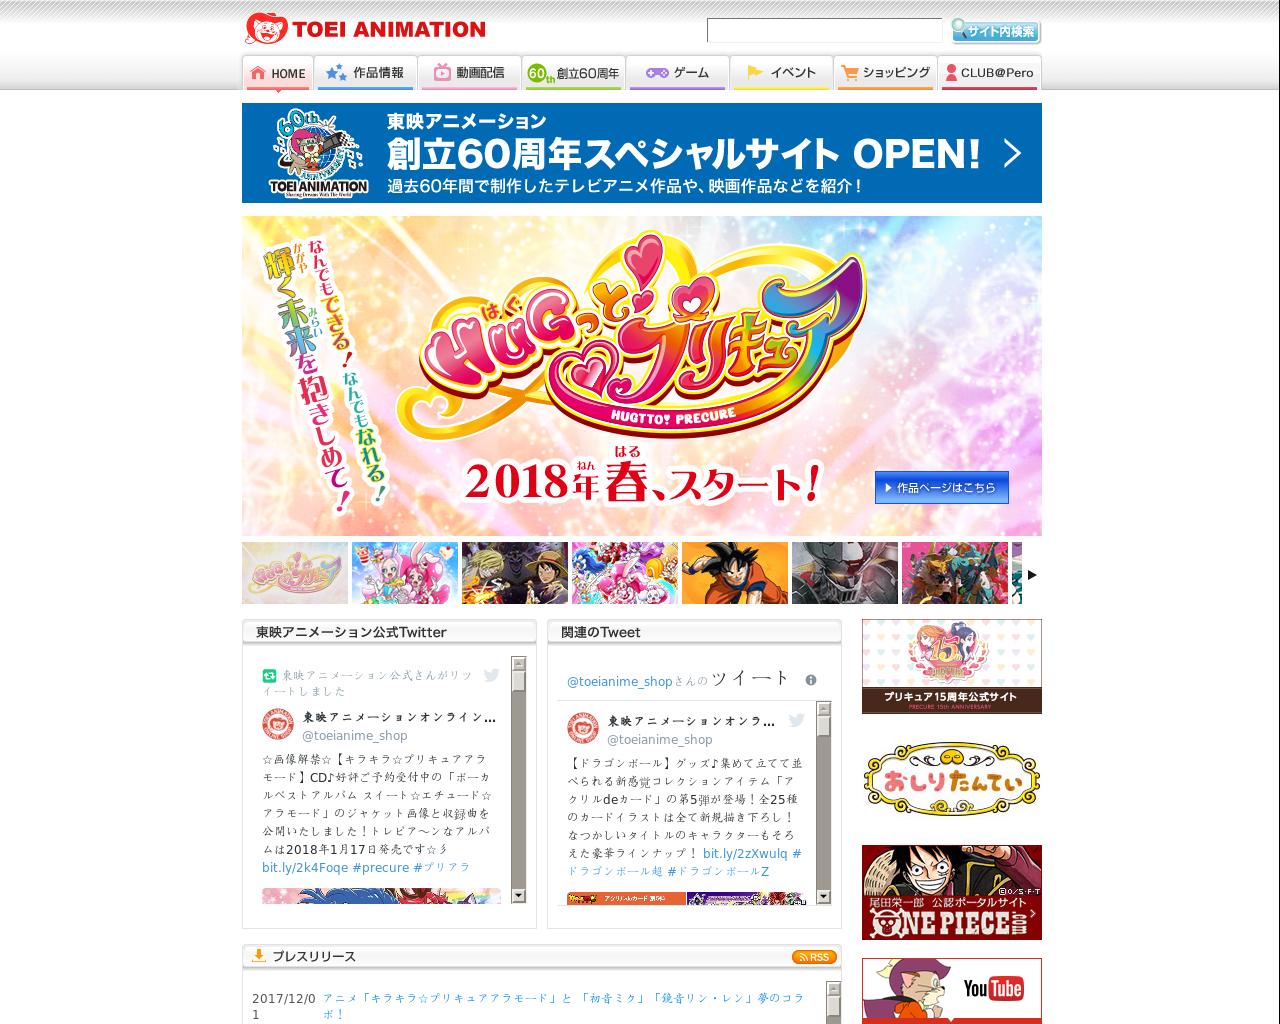 www.toei-anim.co.jp(2017/12/03 12:21:34)